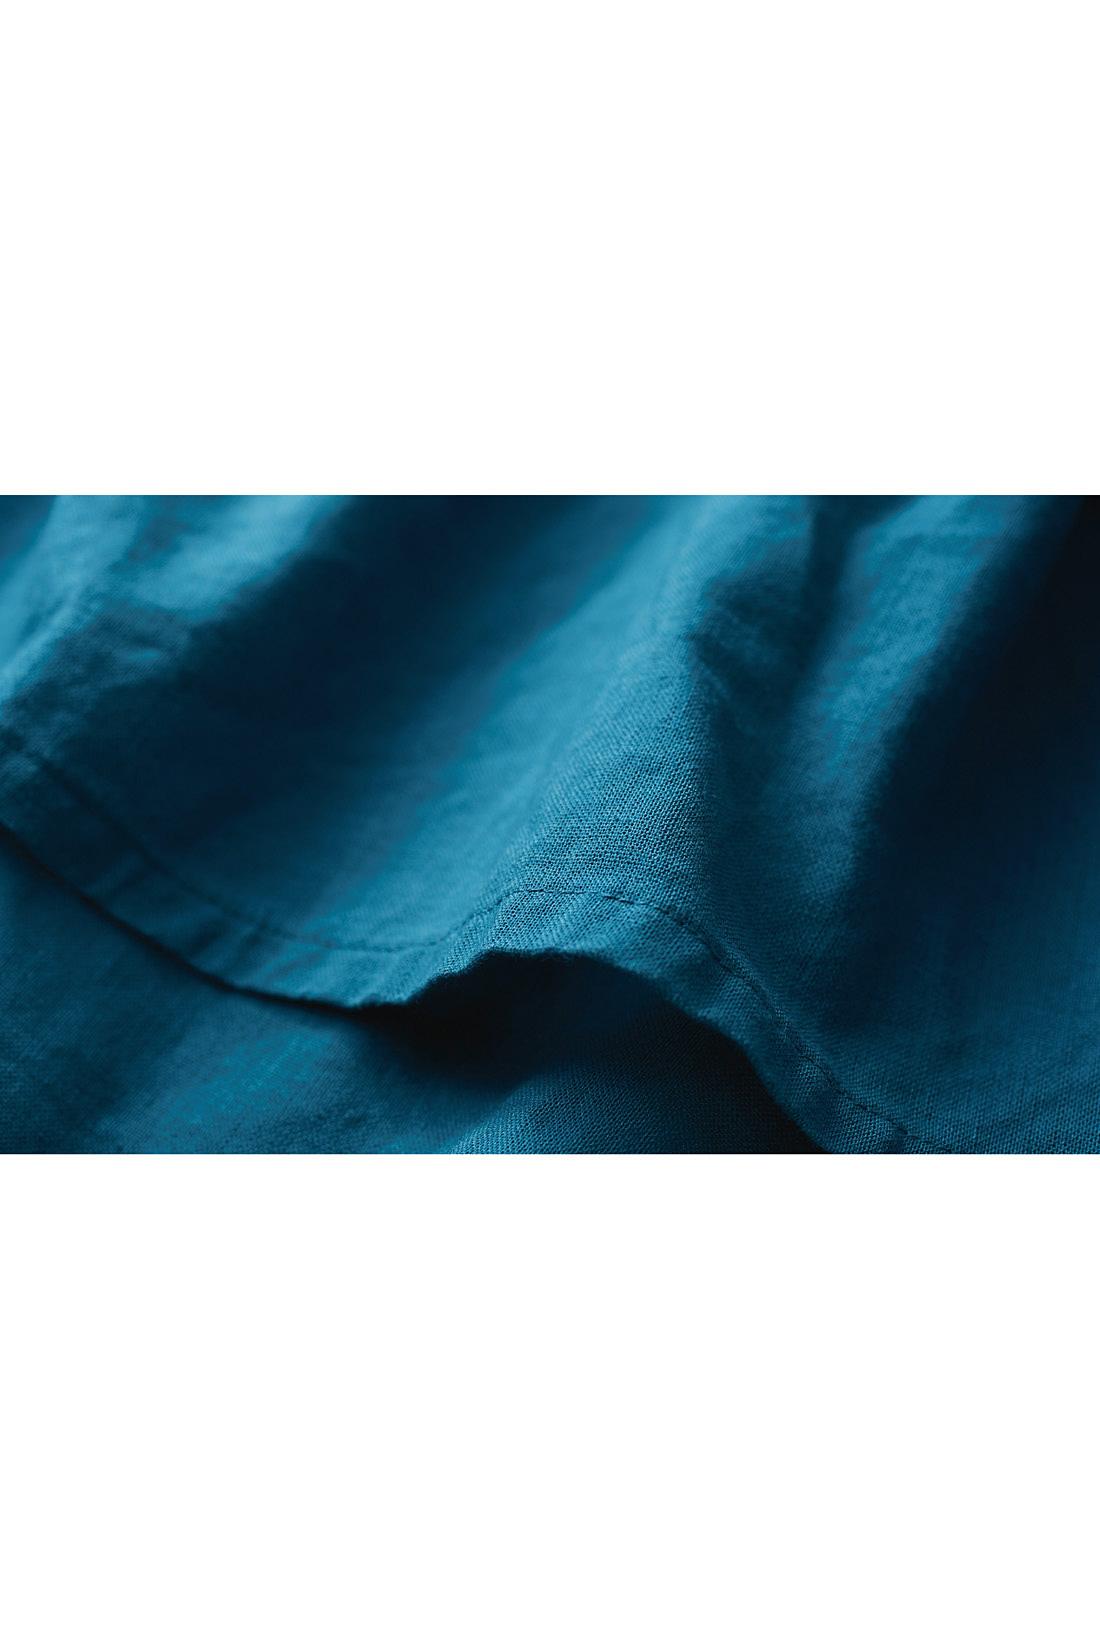 軽く、やわらかなコットンリネン素材は、あえて洗いざらしを着ても。※お届けするカラーとは異なります。